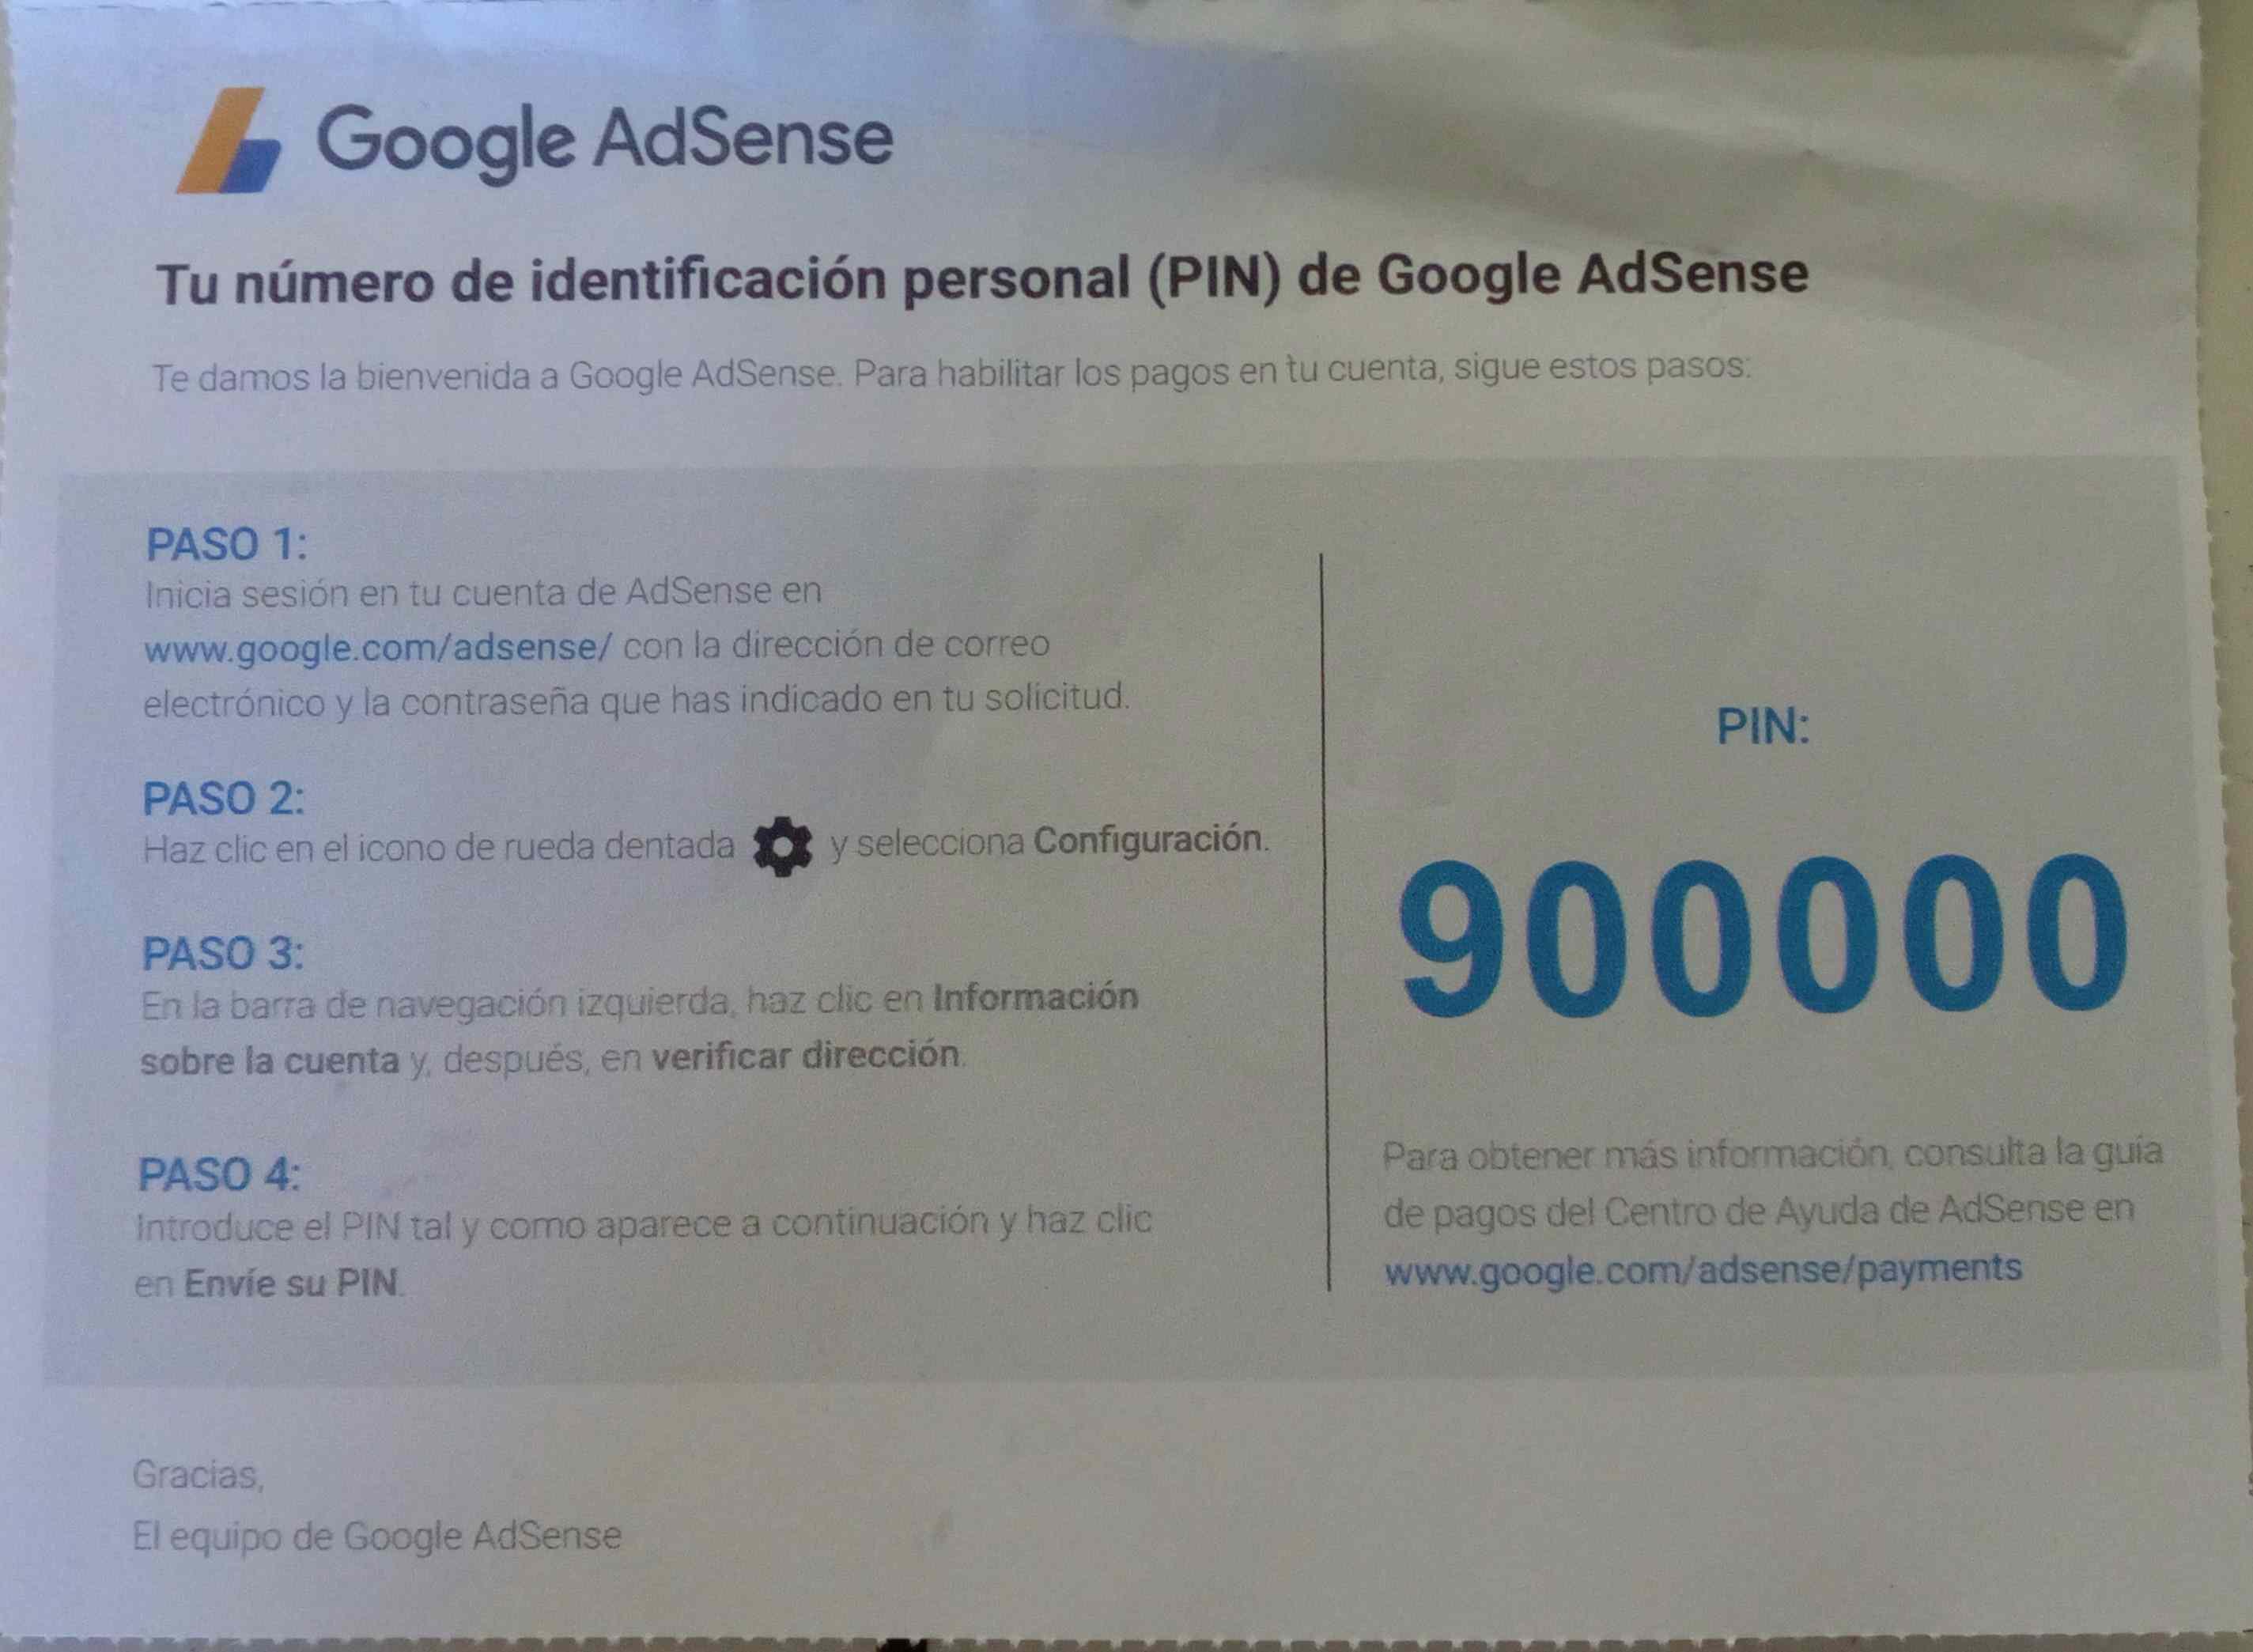 Vista detalla del PIN de Google Adsense y sus Indicaciones